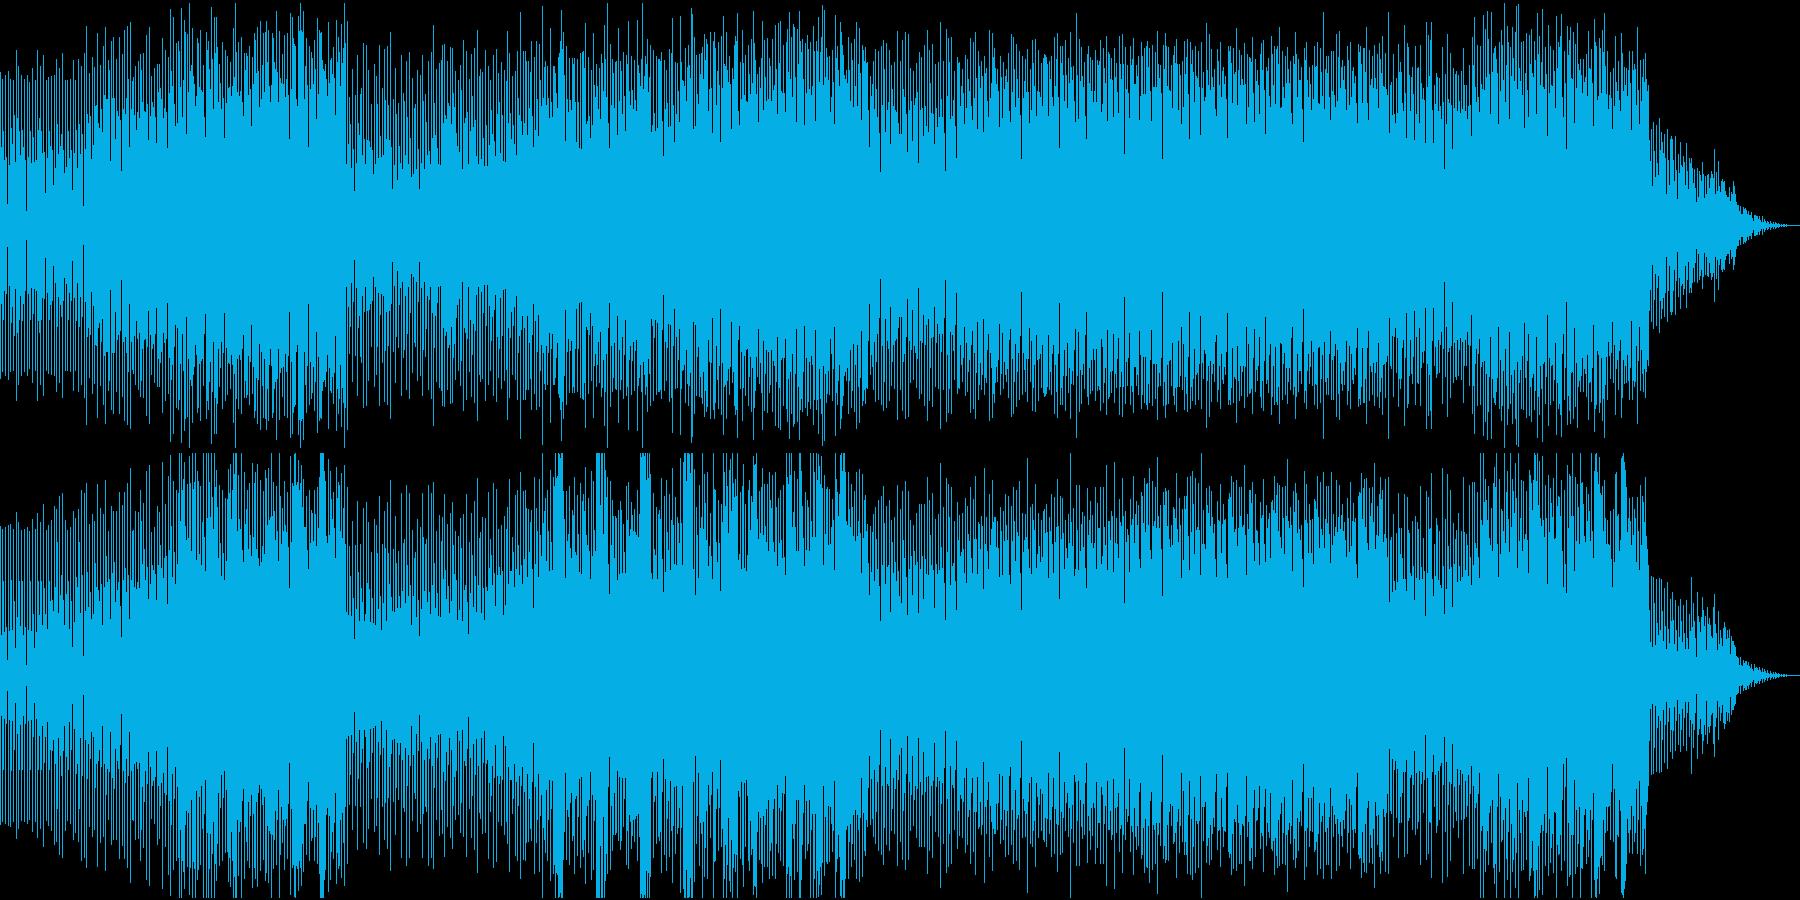 チャイナアレンジによるEDMの再生済みの波形